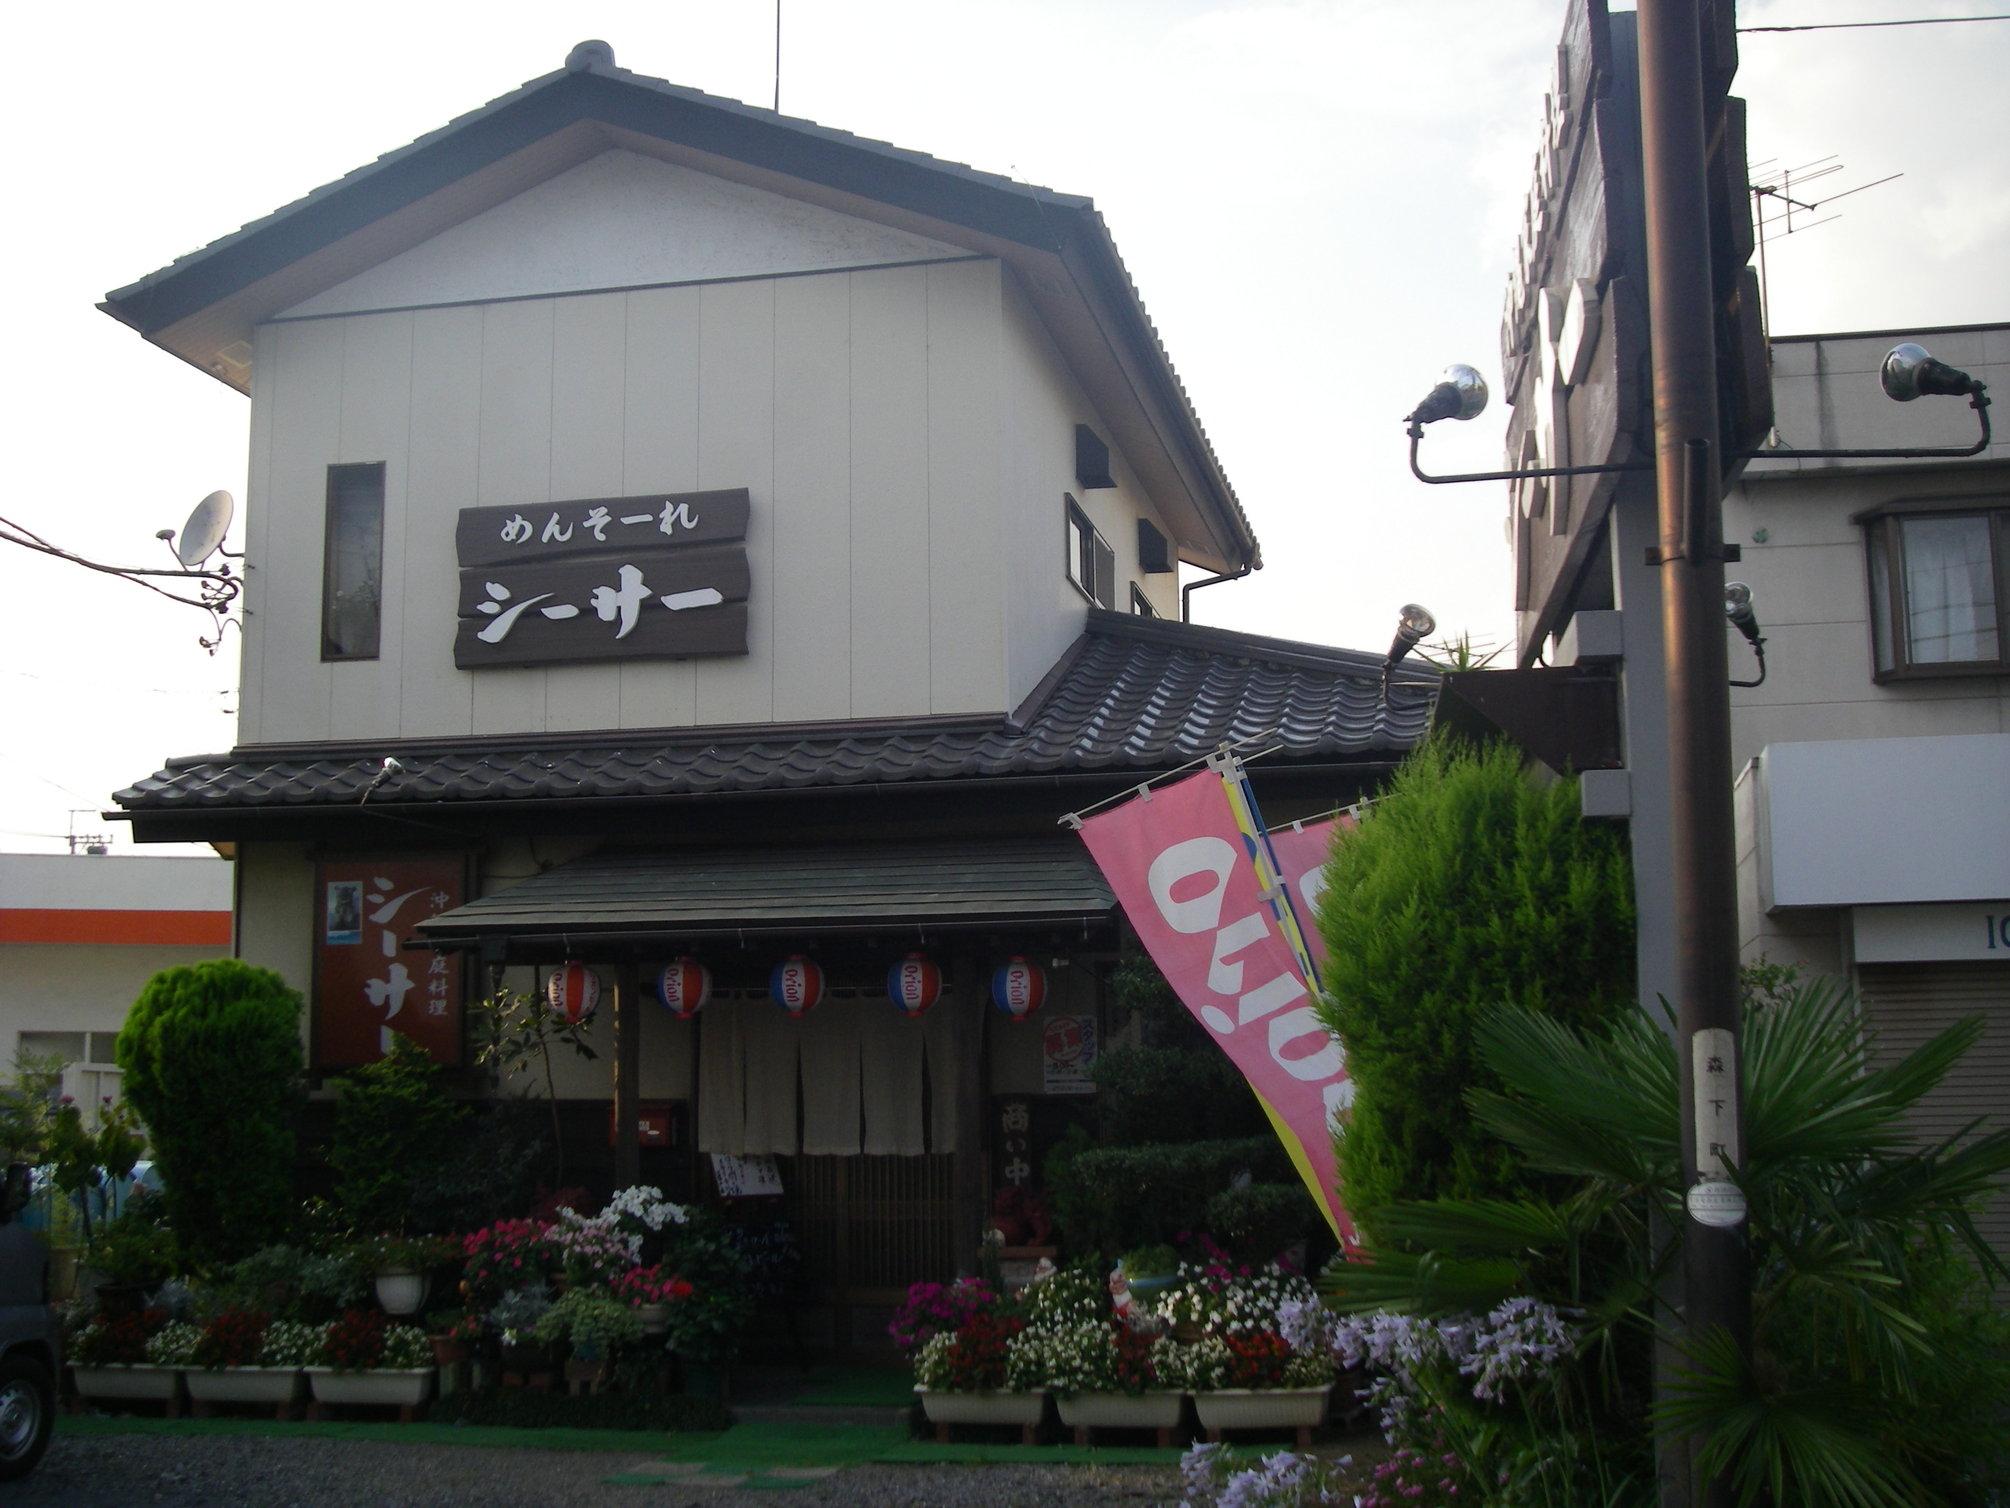 シーサー沖縄家庭料理店